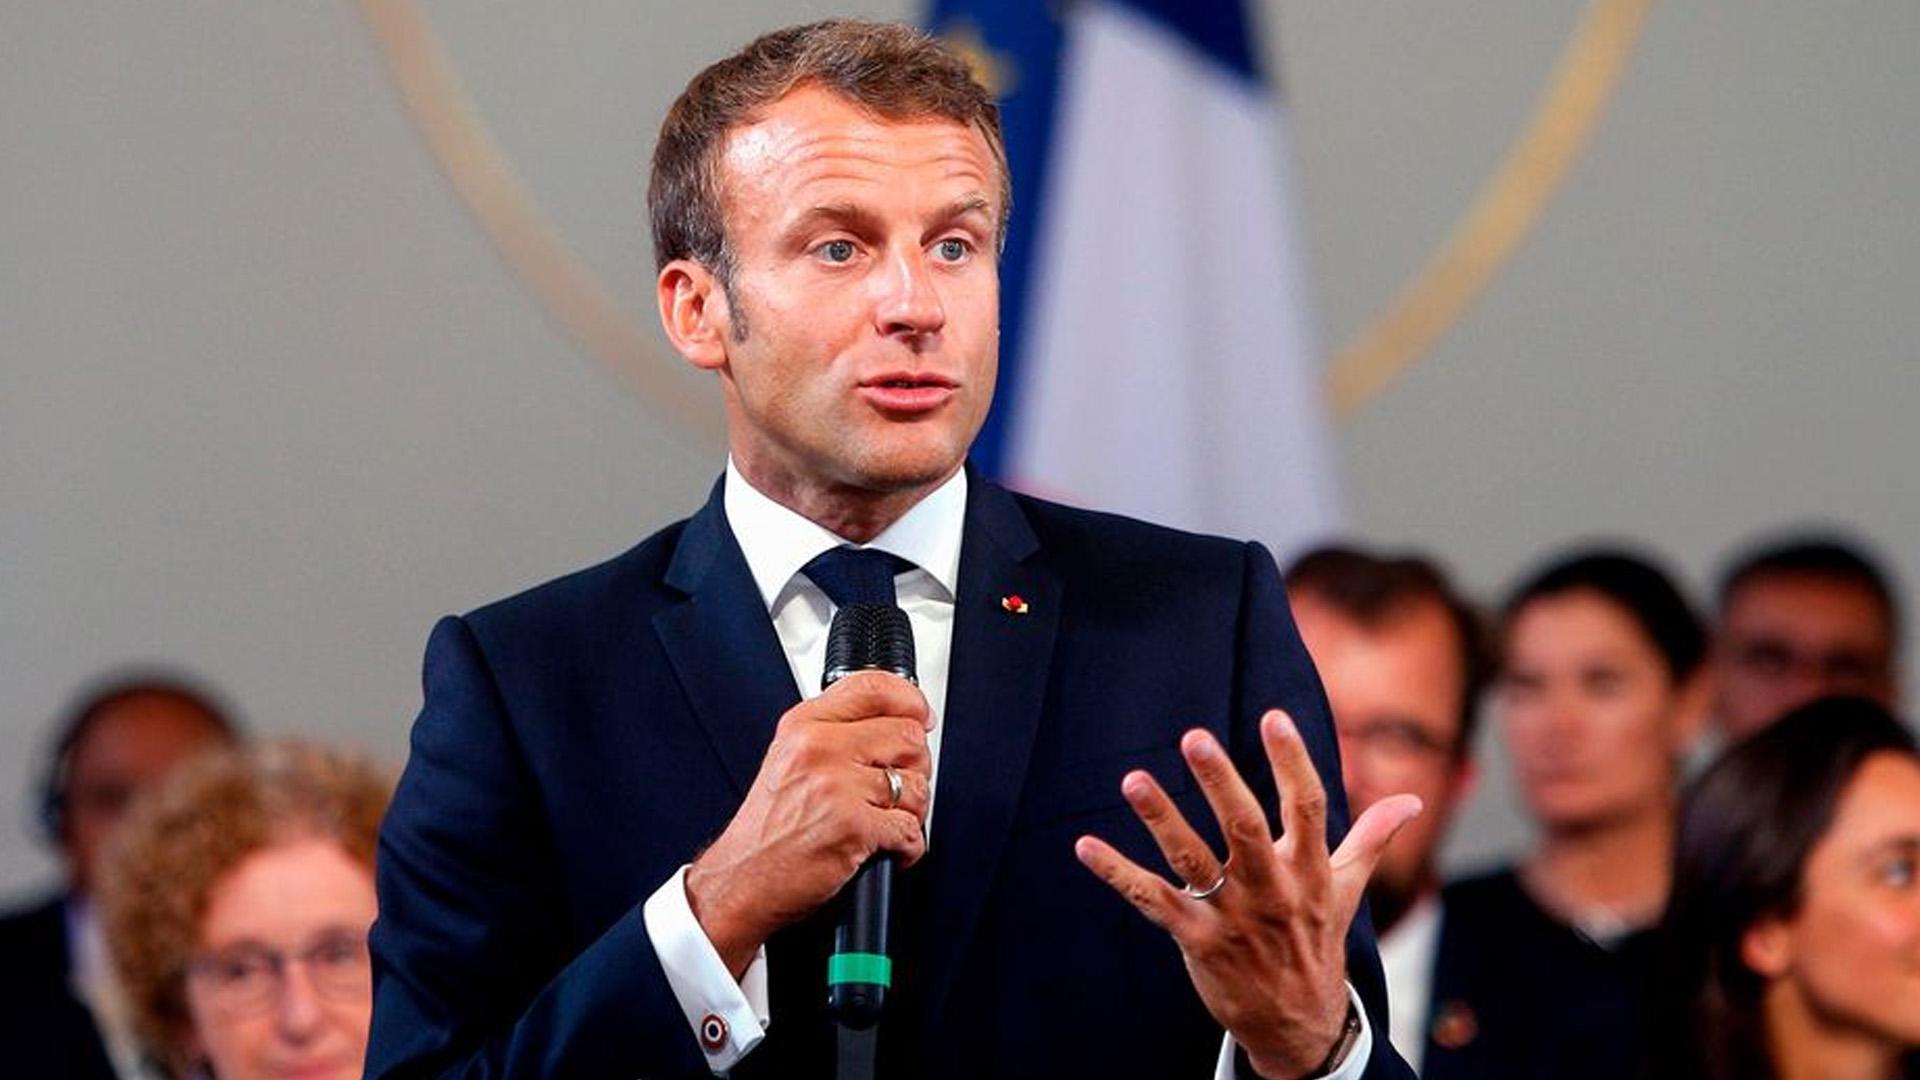 Macron: Hiçbir G7 ülkesi İran'ın nükleer silaha sahip olmasını istemiyor